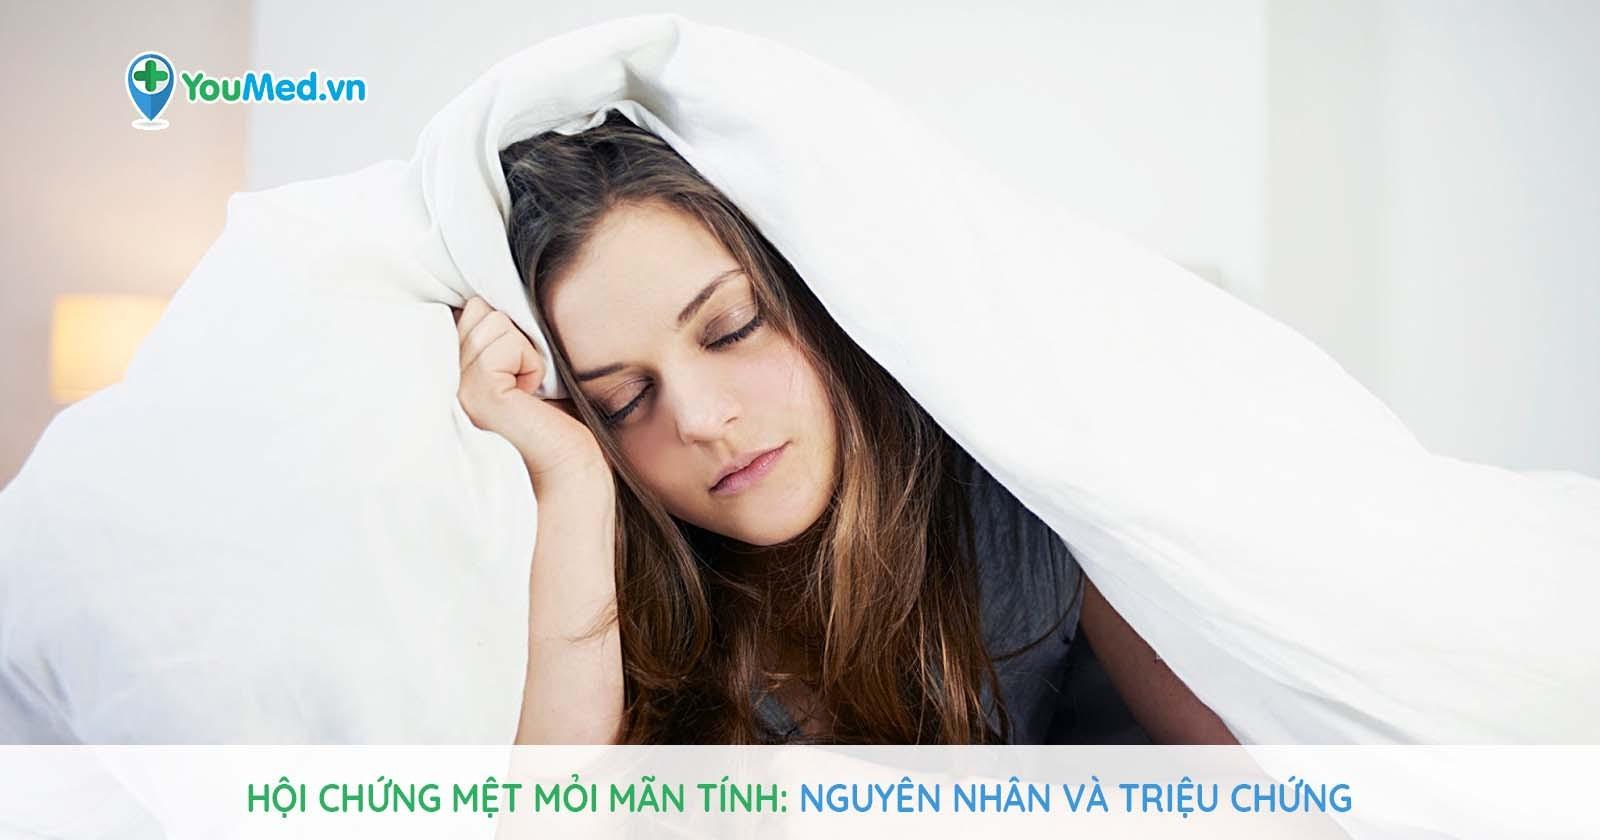 Hội chứng mệt mỏi mãn tính:  Nguyên nhân và triệu chứng